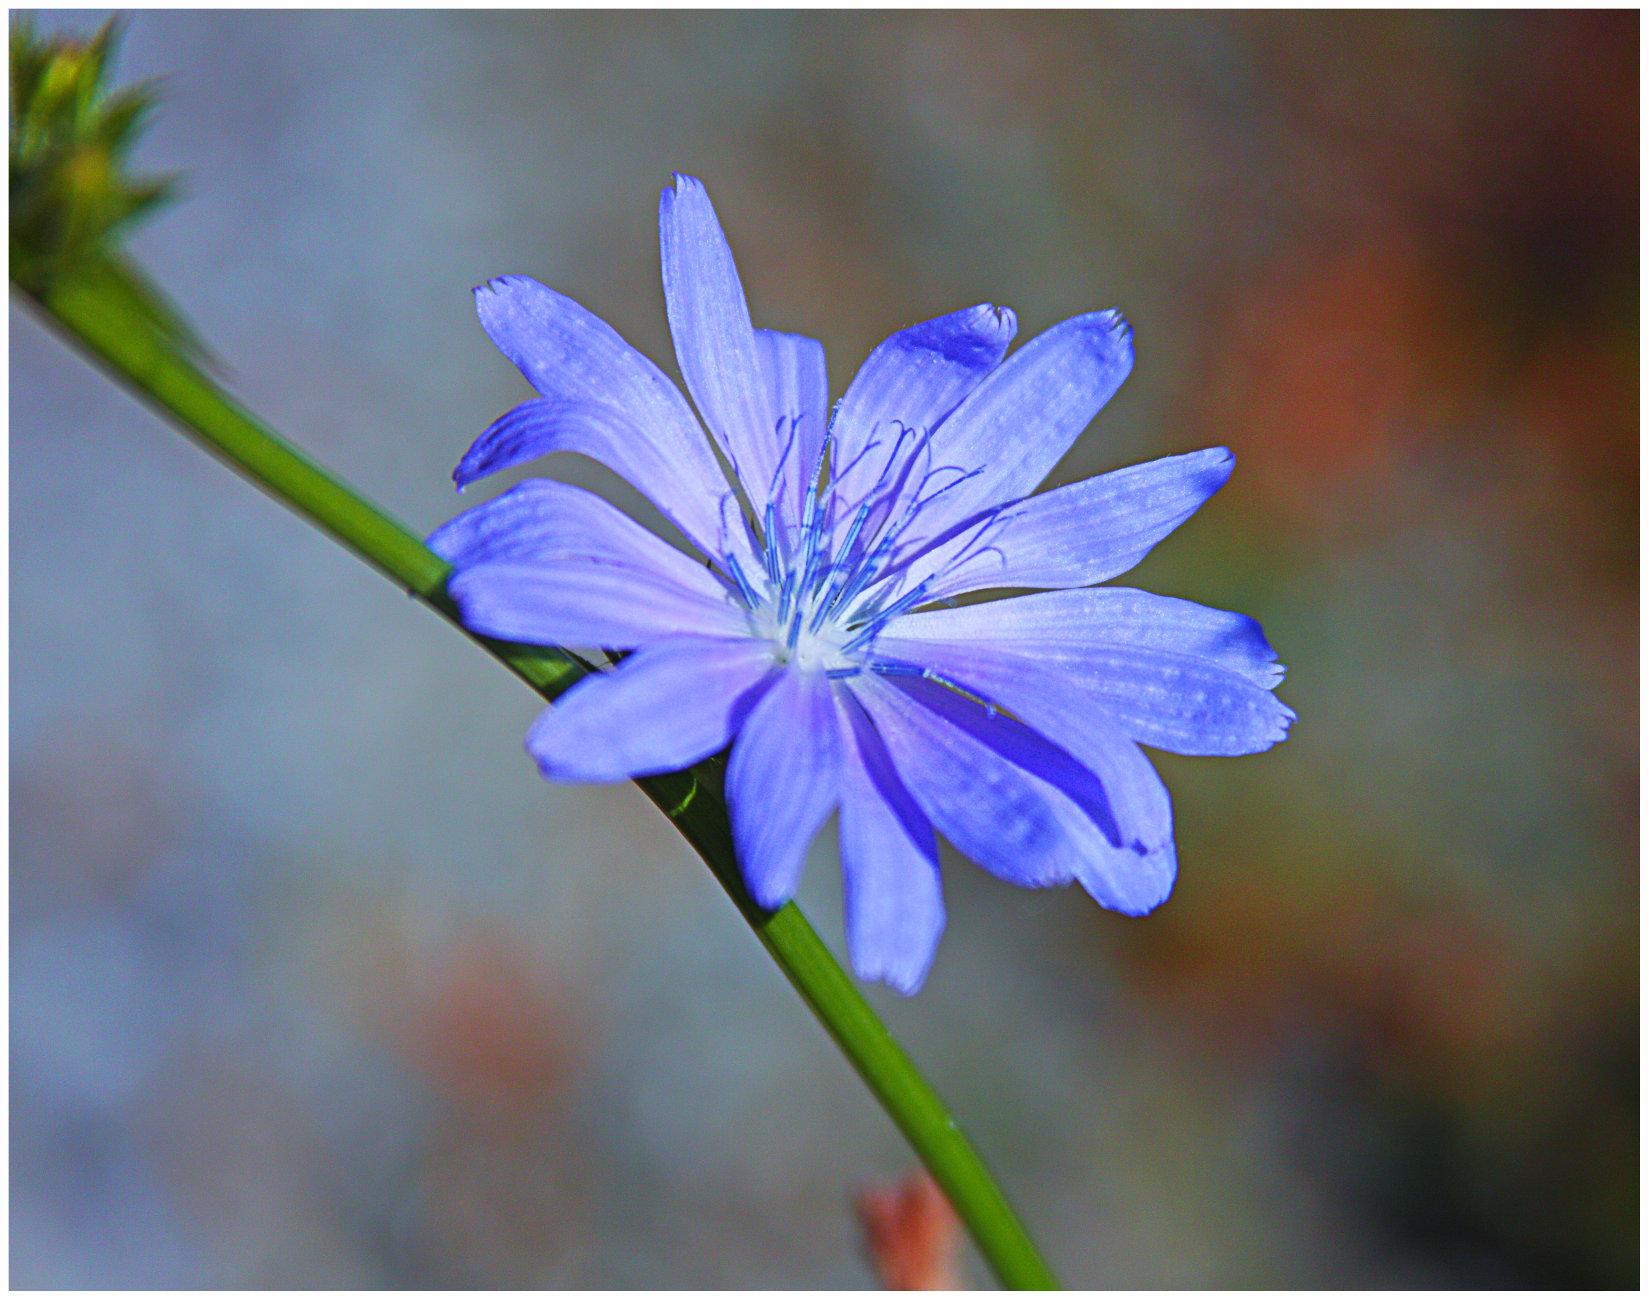 Chickory (Chicorium intybus)  (best viewed large)